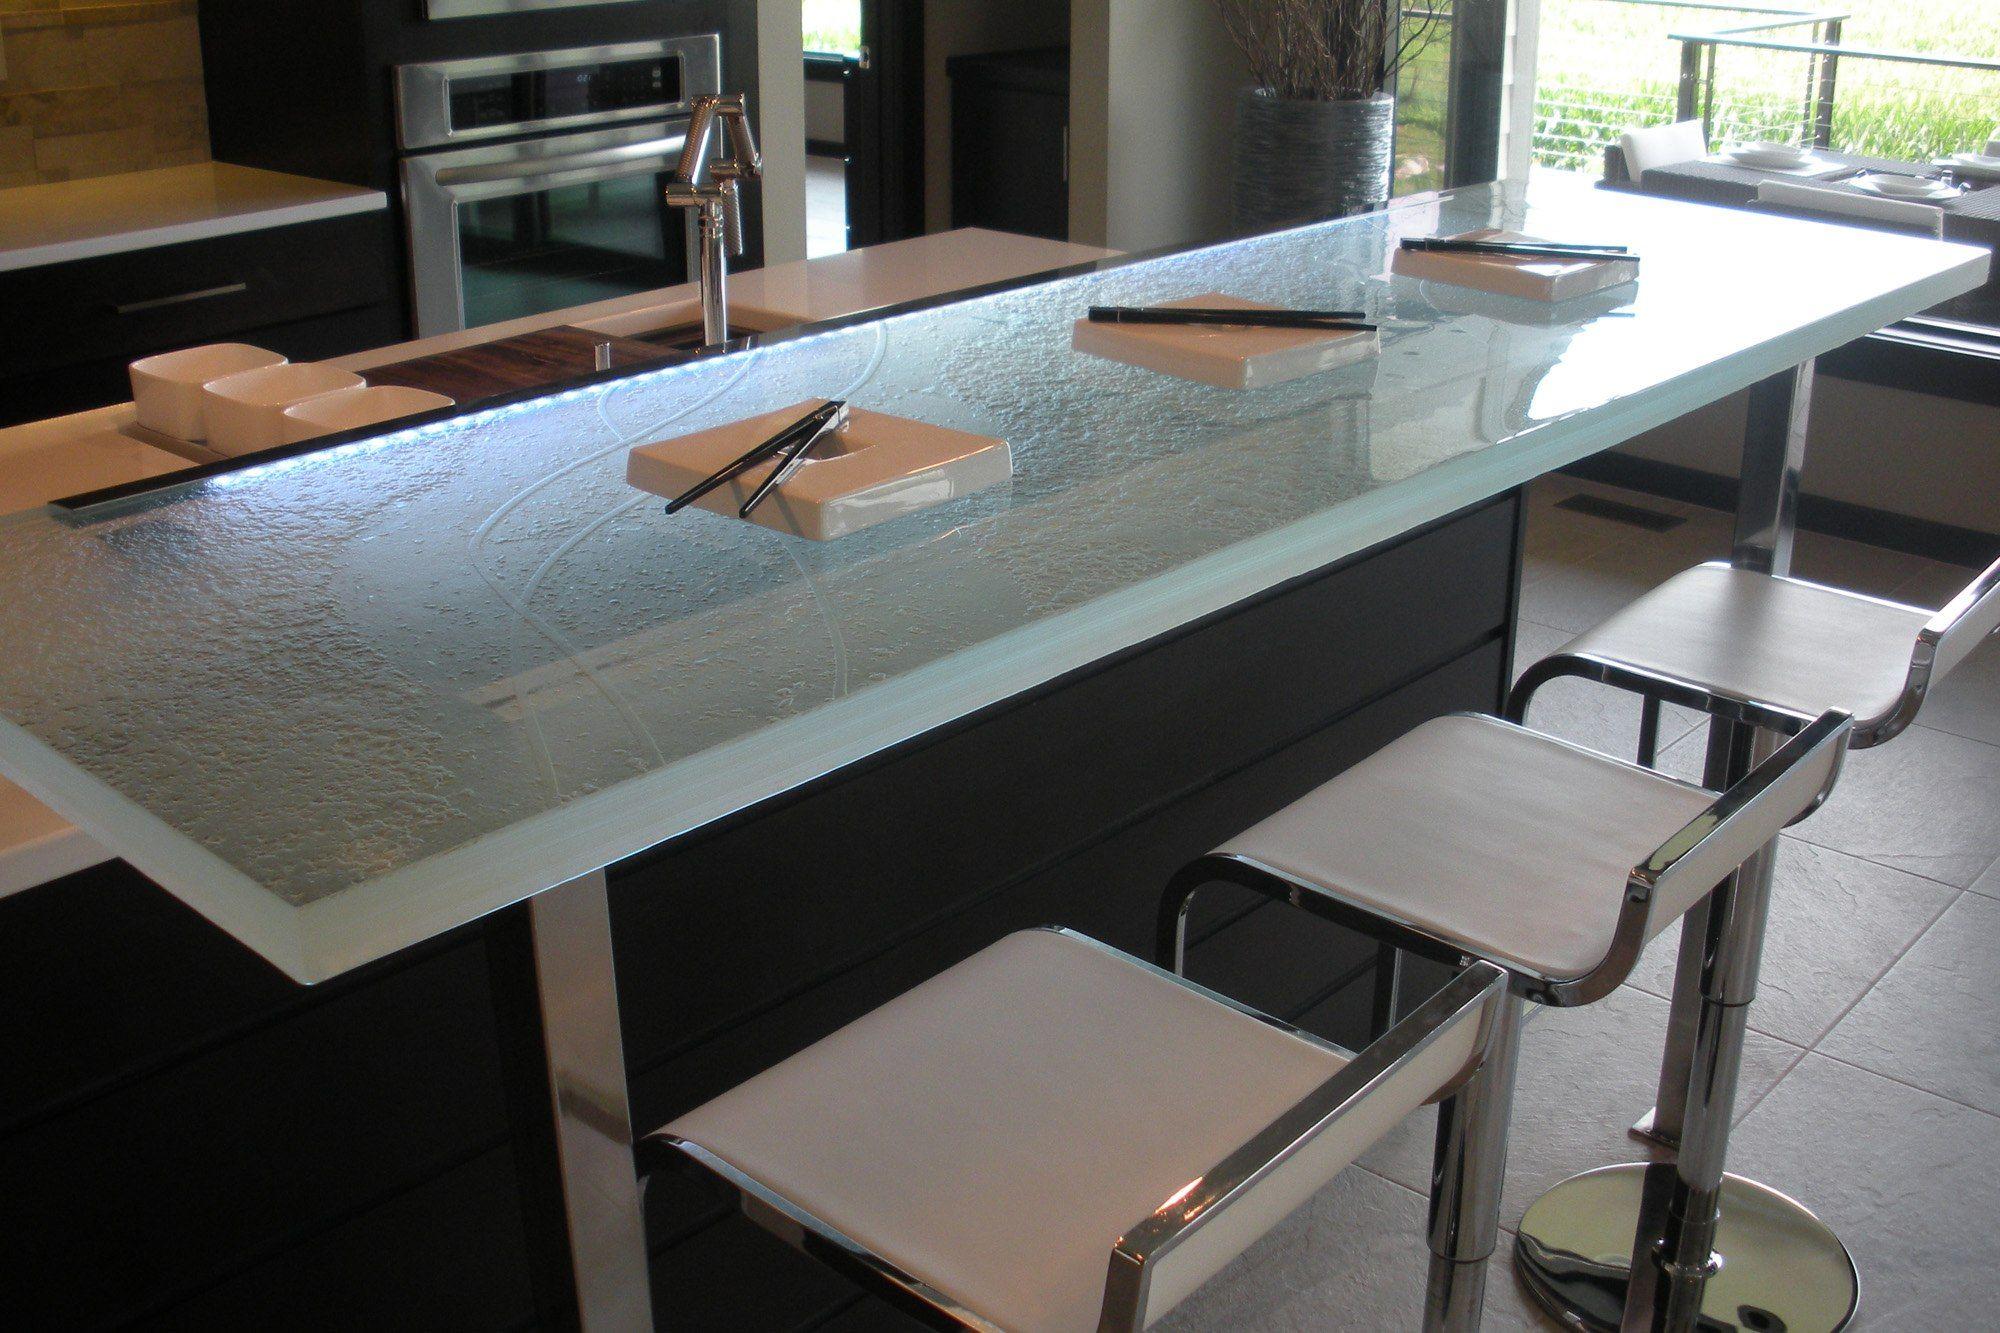 Der Ultimative Luxus Touch Fur Ihre Kuche Dekor Glas Arbeitsplatten Kuchenarbeitsplatte Glas Tischplatte Und Glastische